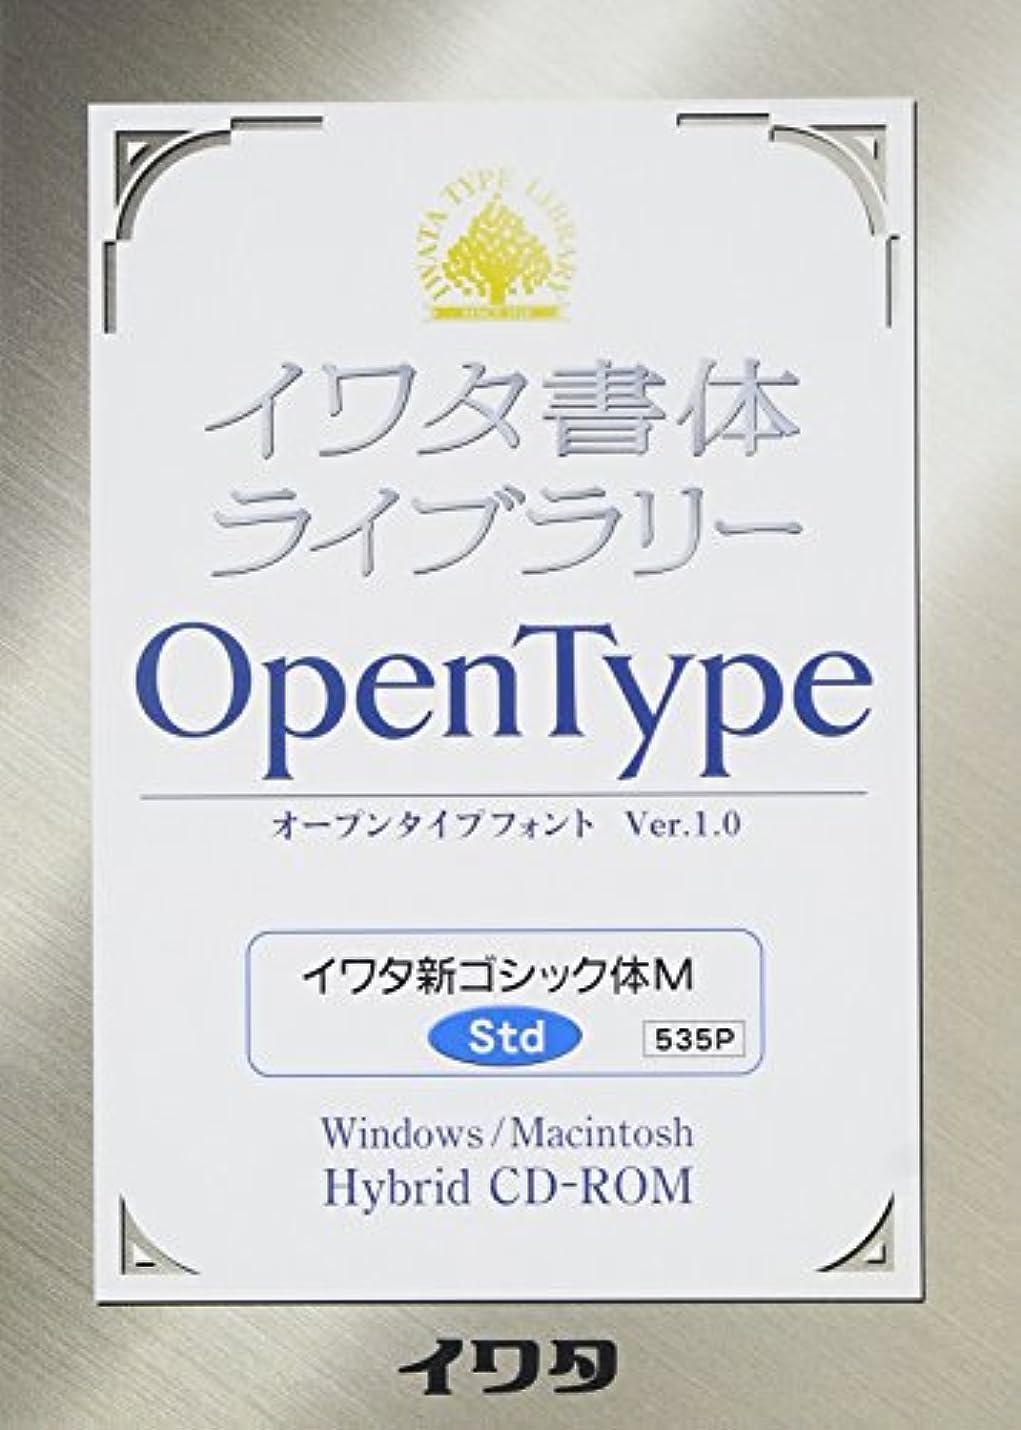 ねじれスーツ前イワタ書体ライブラリーOpenType(Std版) イワタ新ゴシック体M